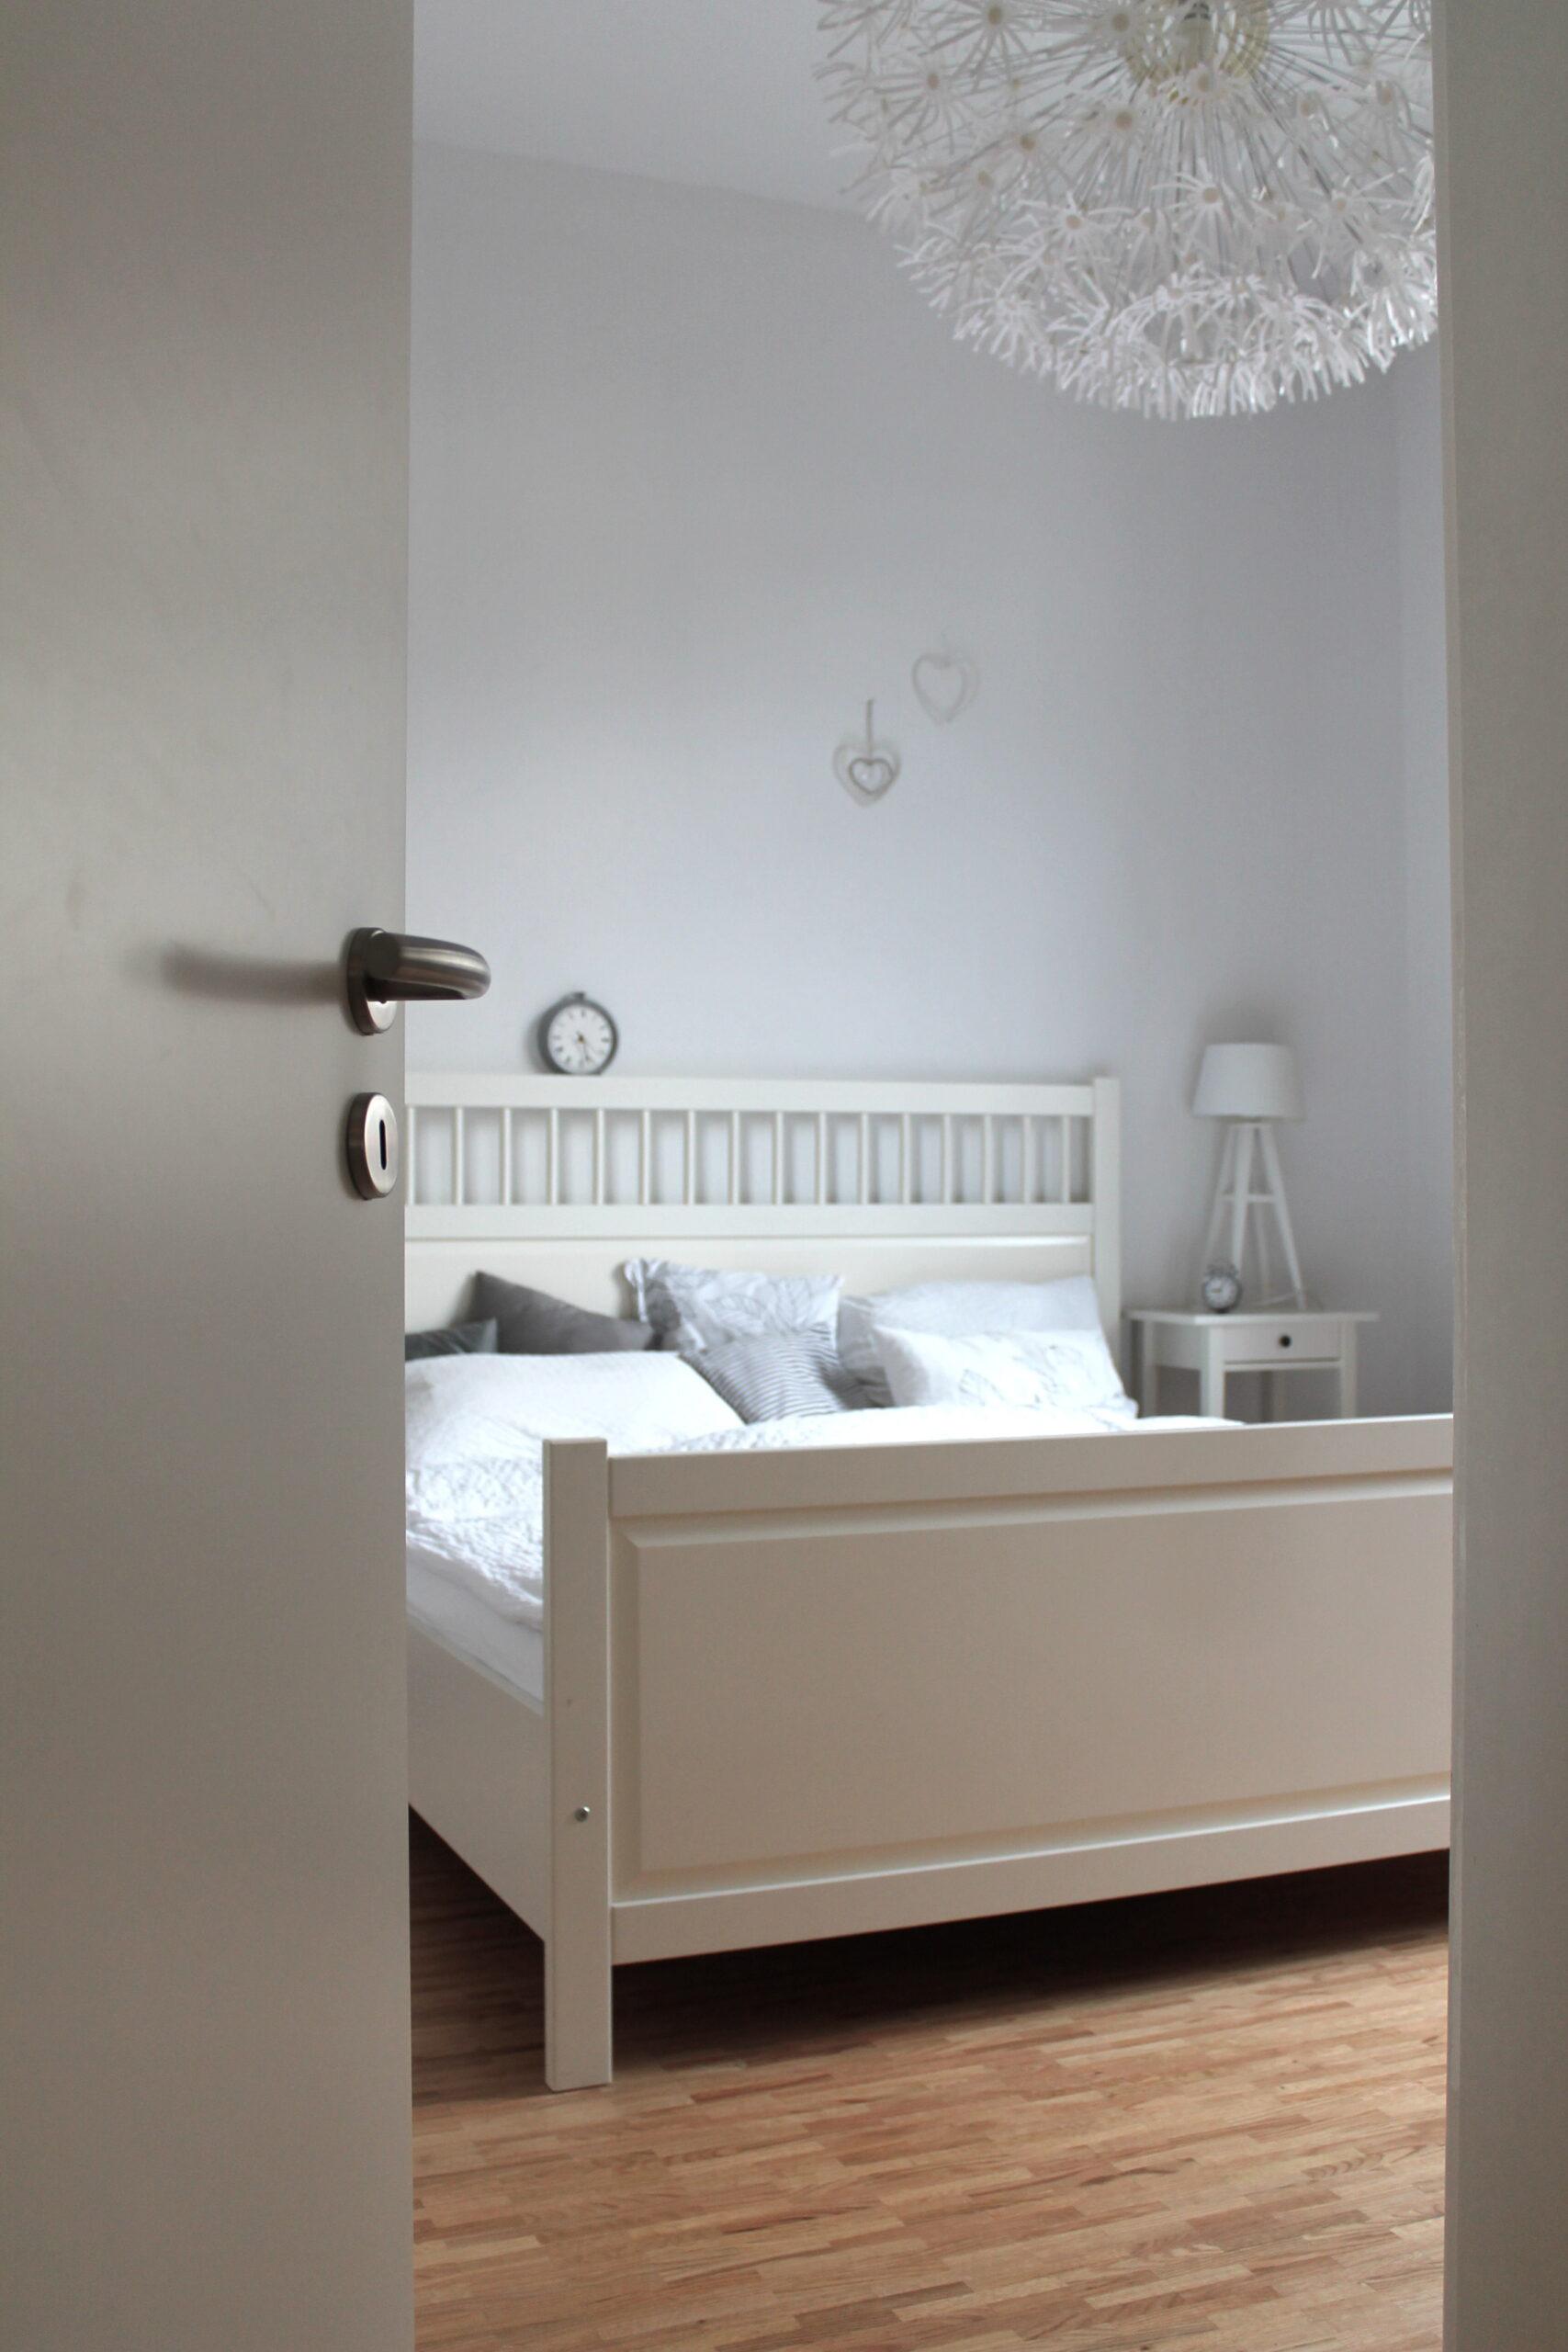 Full Size of Schnsten Ideen Mit Ikea Leuchten Küche Kosten Miniküche Modulküche Betten 160x200 Sofa Schlaffunktion Kaufen Bei Wohnzimmer Hängelampen Ikea